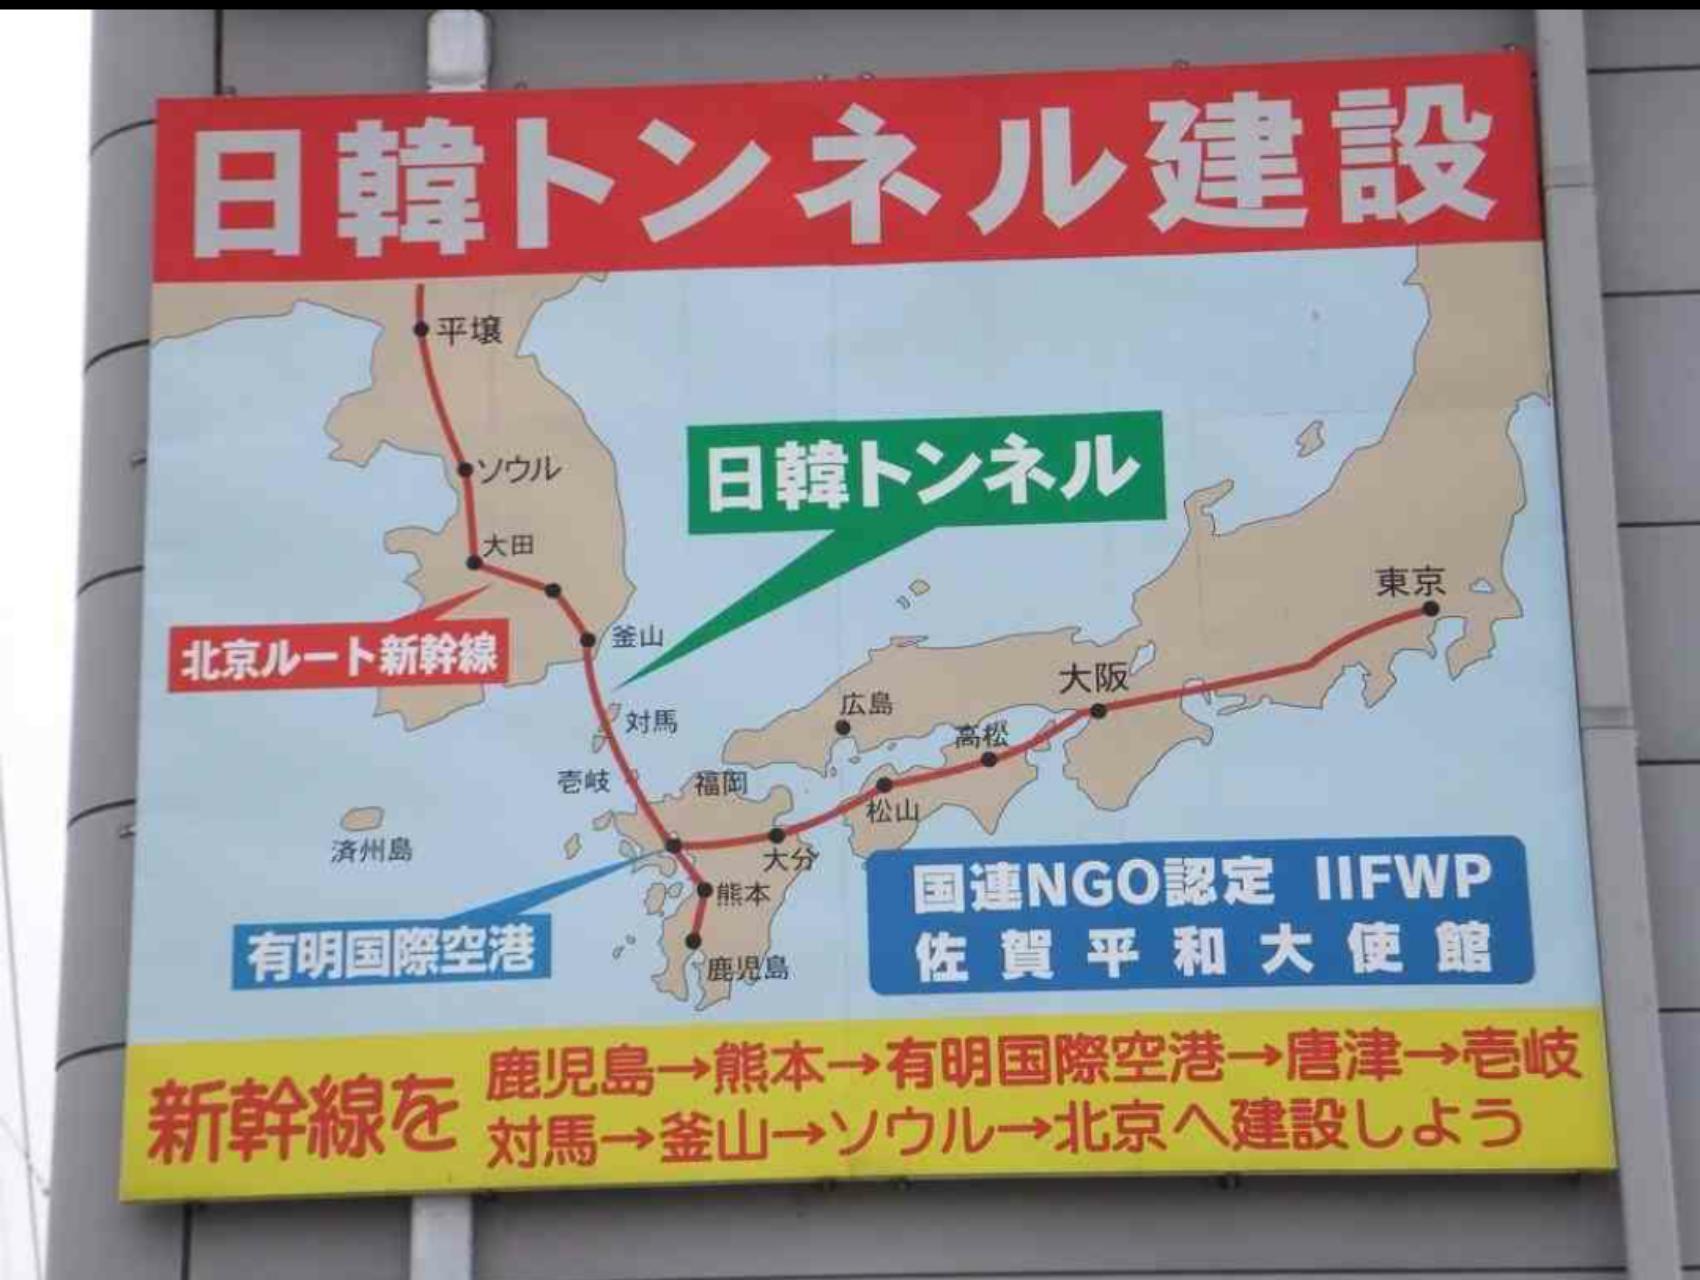 平昌五輪地図問題、日本復活も残る火種 竹島「Dokdo」日本海「EastSea」表記はそのまま